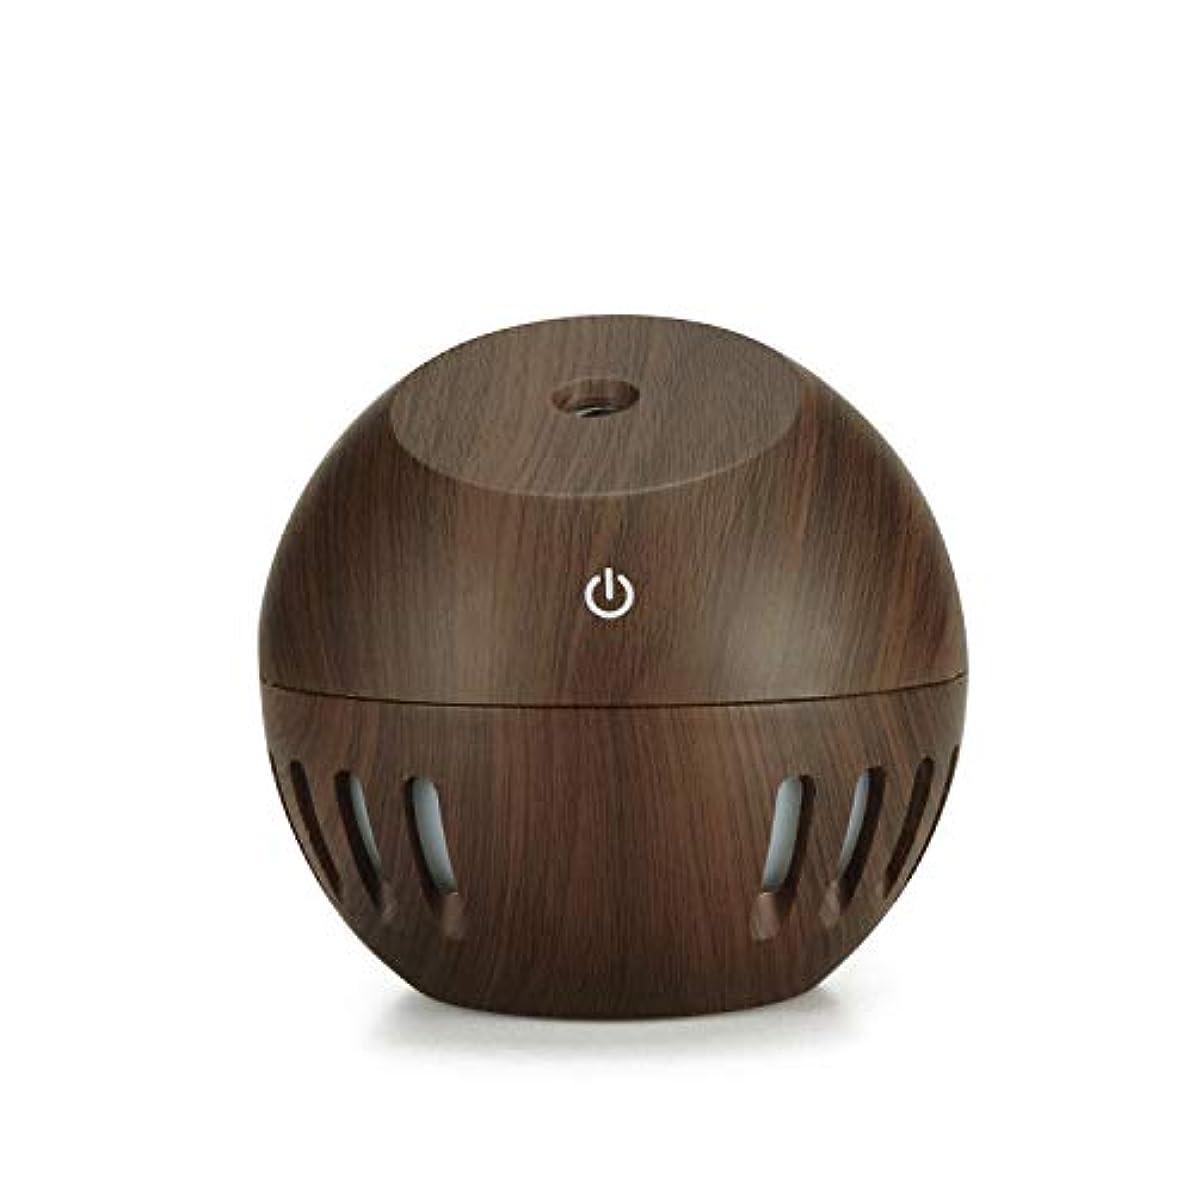 妊娠した弾力性のあるしなやかな130ml Essential Oils Diffuser Electric Cool Mist Aroma Diffuser For Home, Yoga, Bedroom